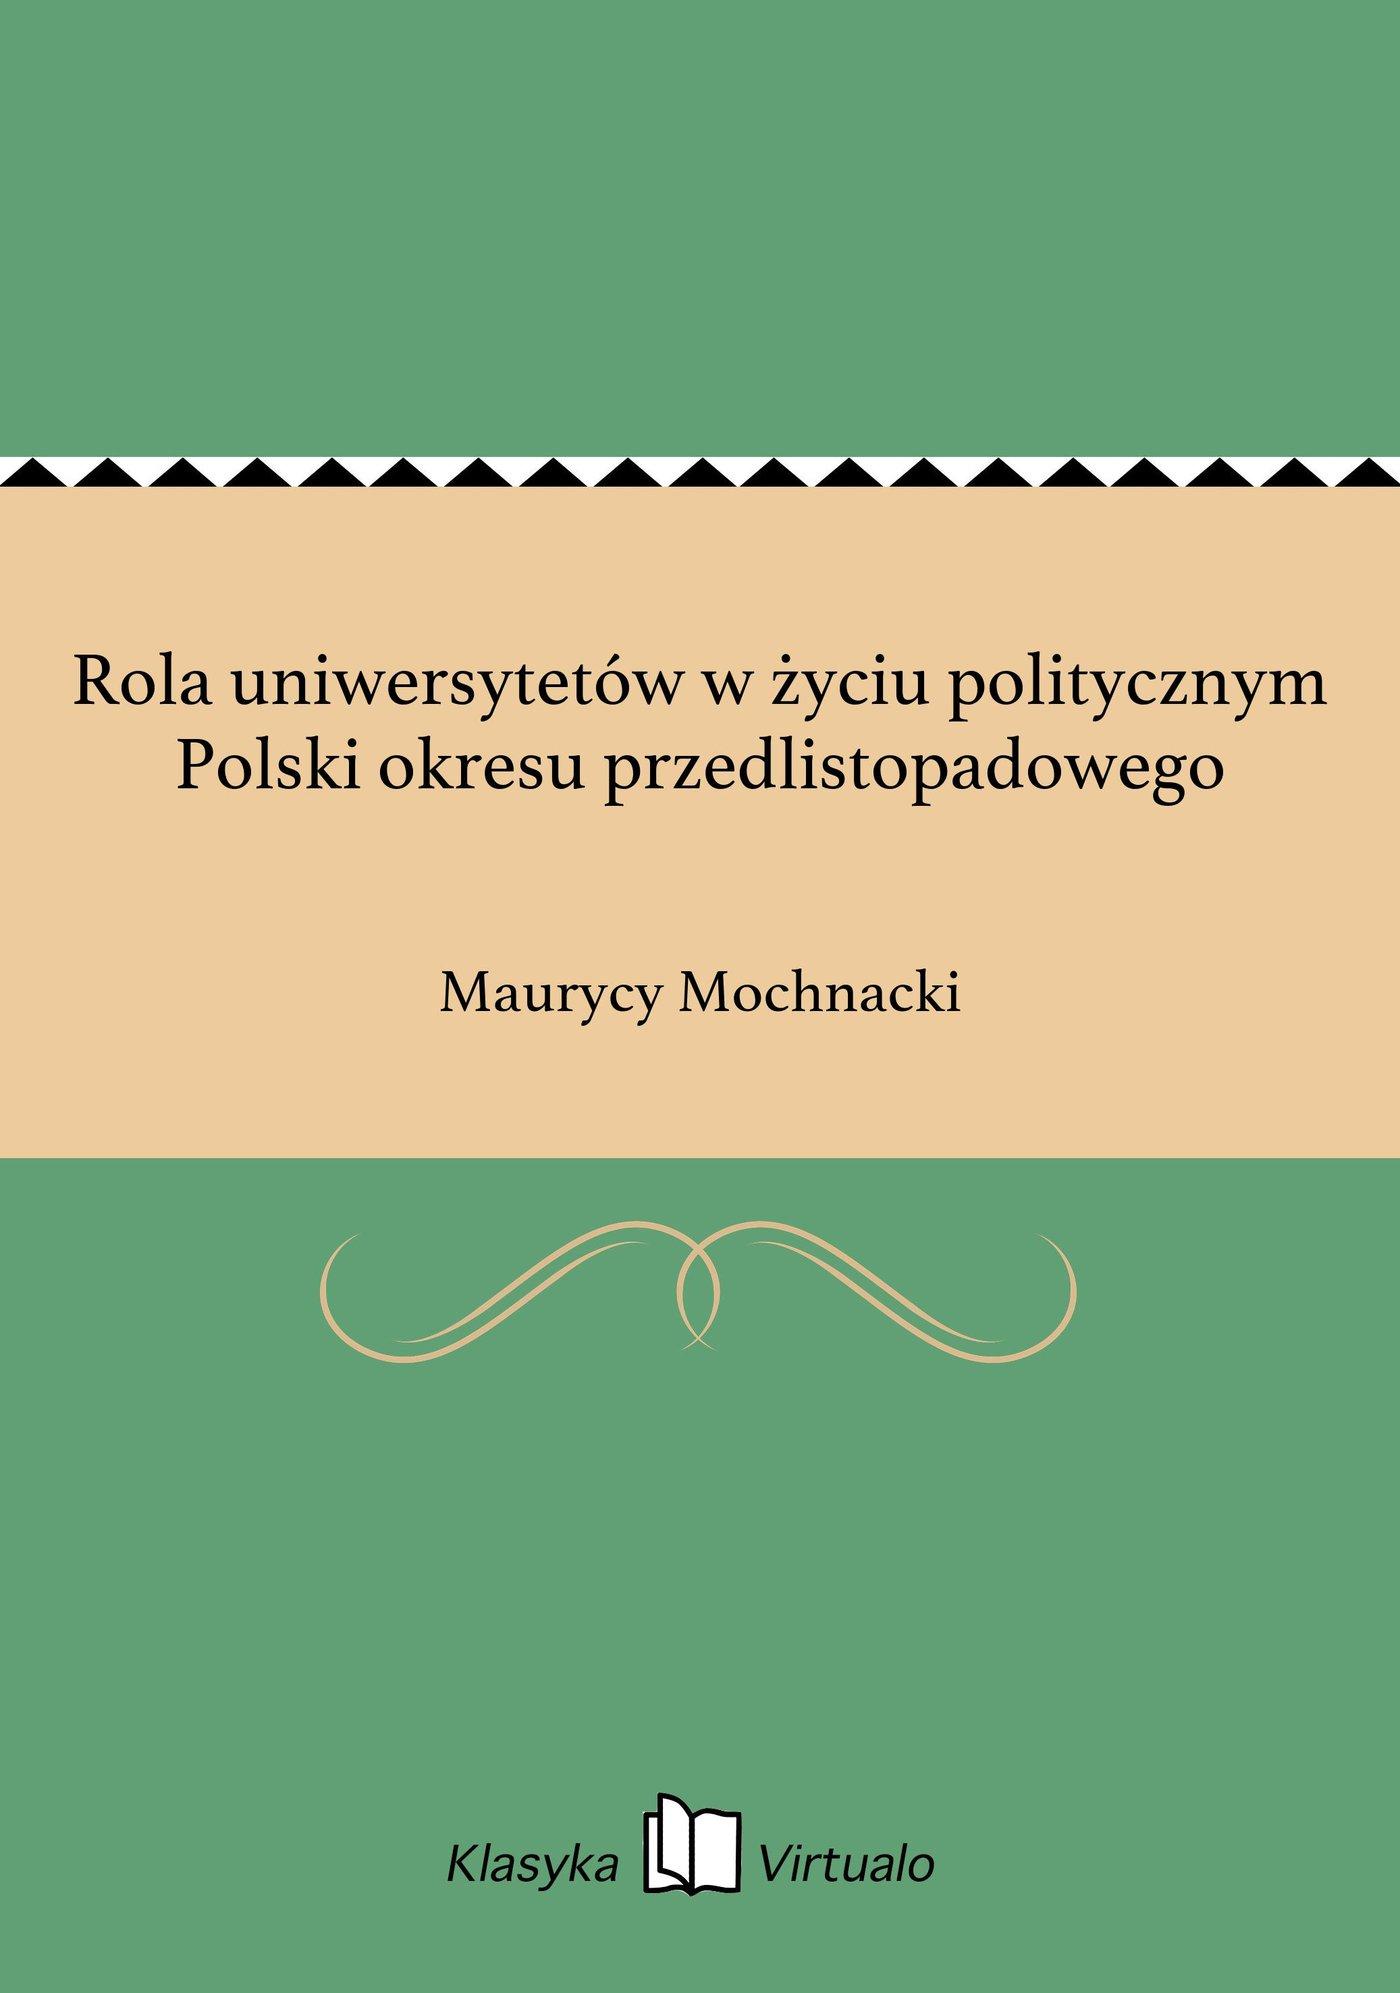 Rola uniwersytetów w życiu politycznym Polski okresu przedlistopadowego - Ebook (Książka EPUB) do pobrania w formacie EPUB